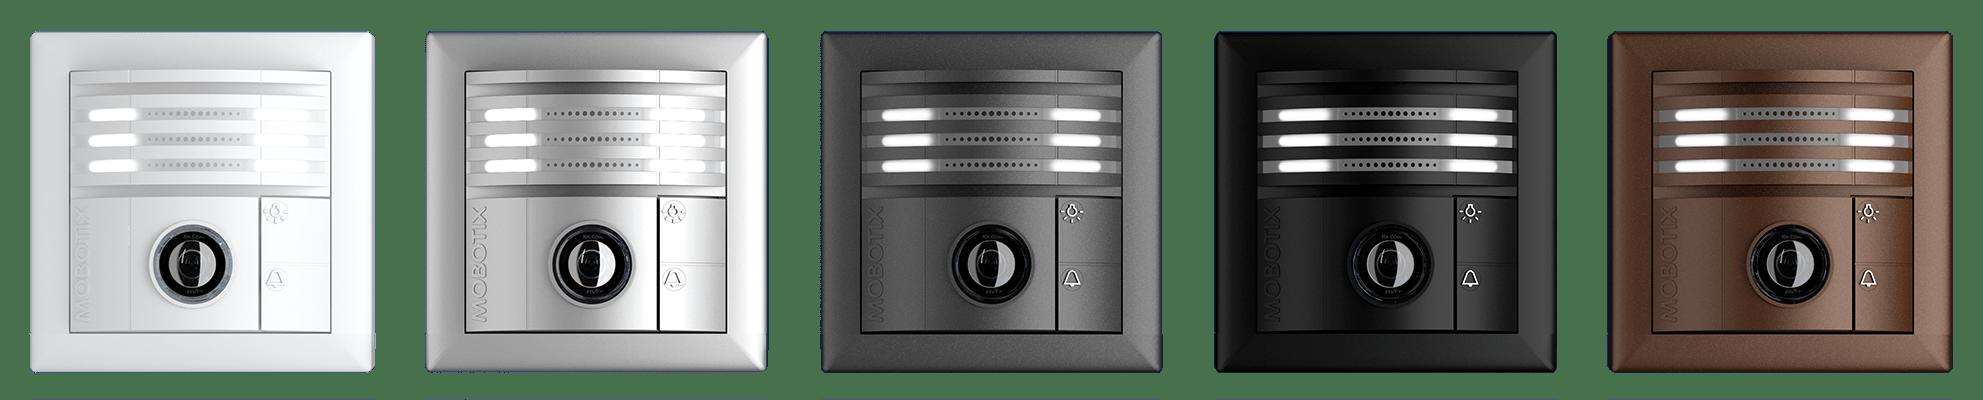 Door Station Ip & Aiphone AXW-AVT Door Station IP Or Fiber Optic ...